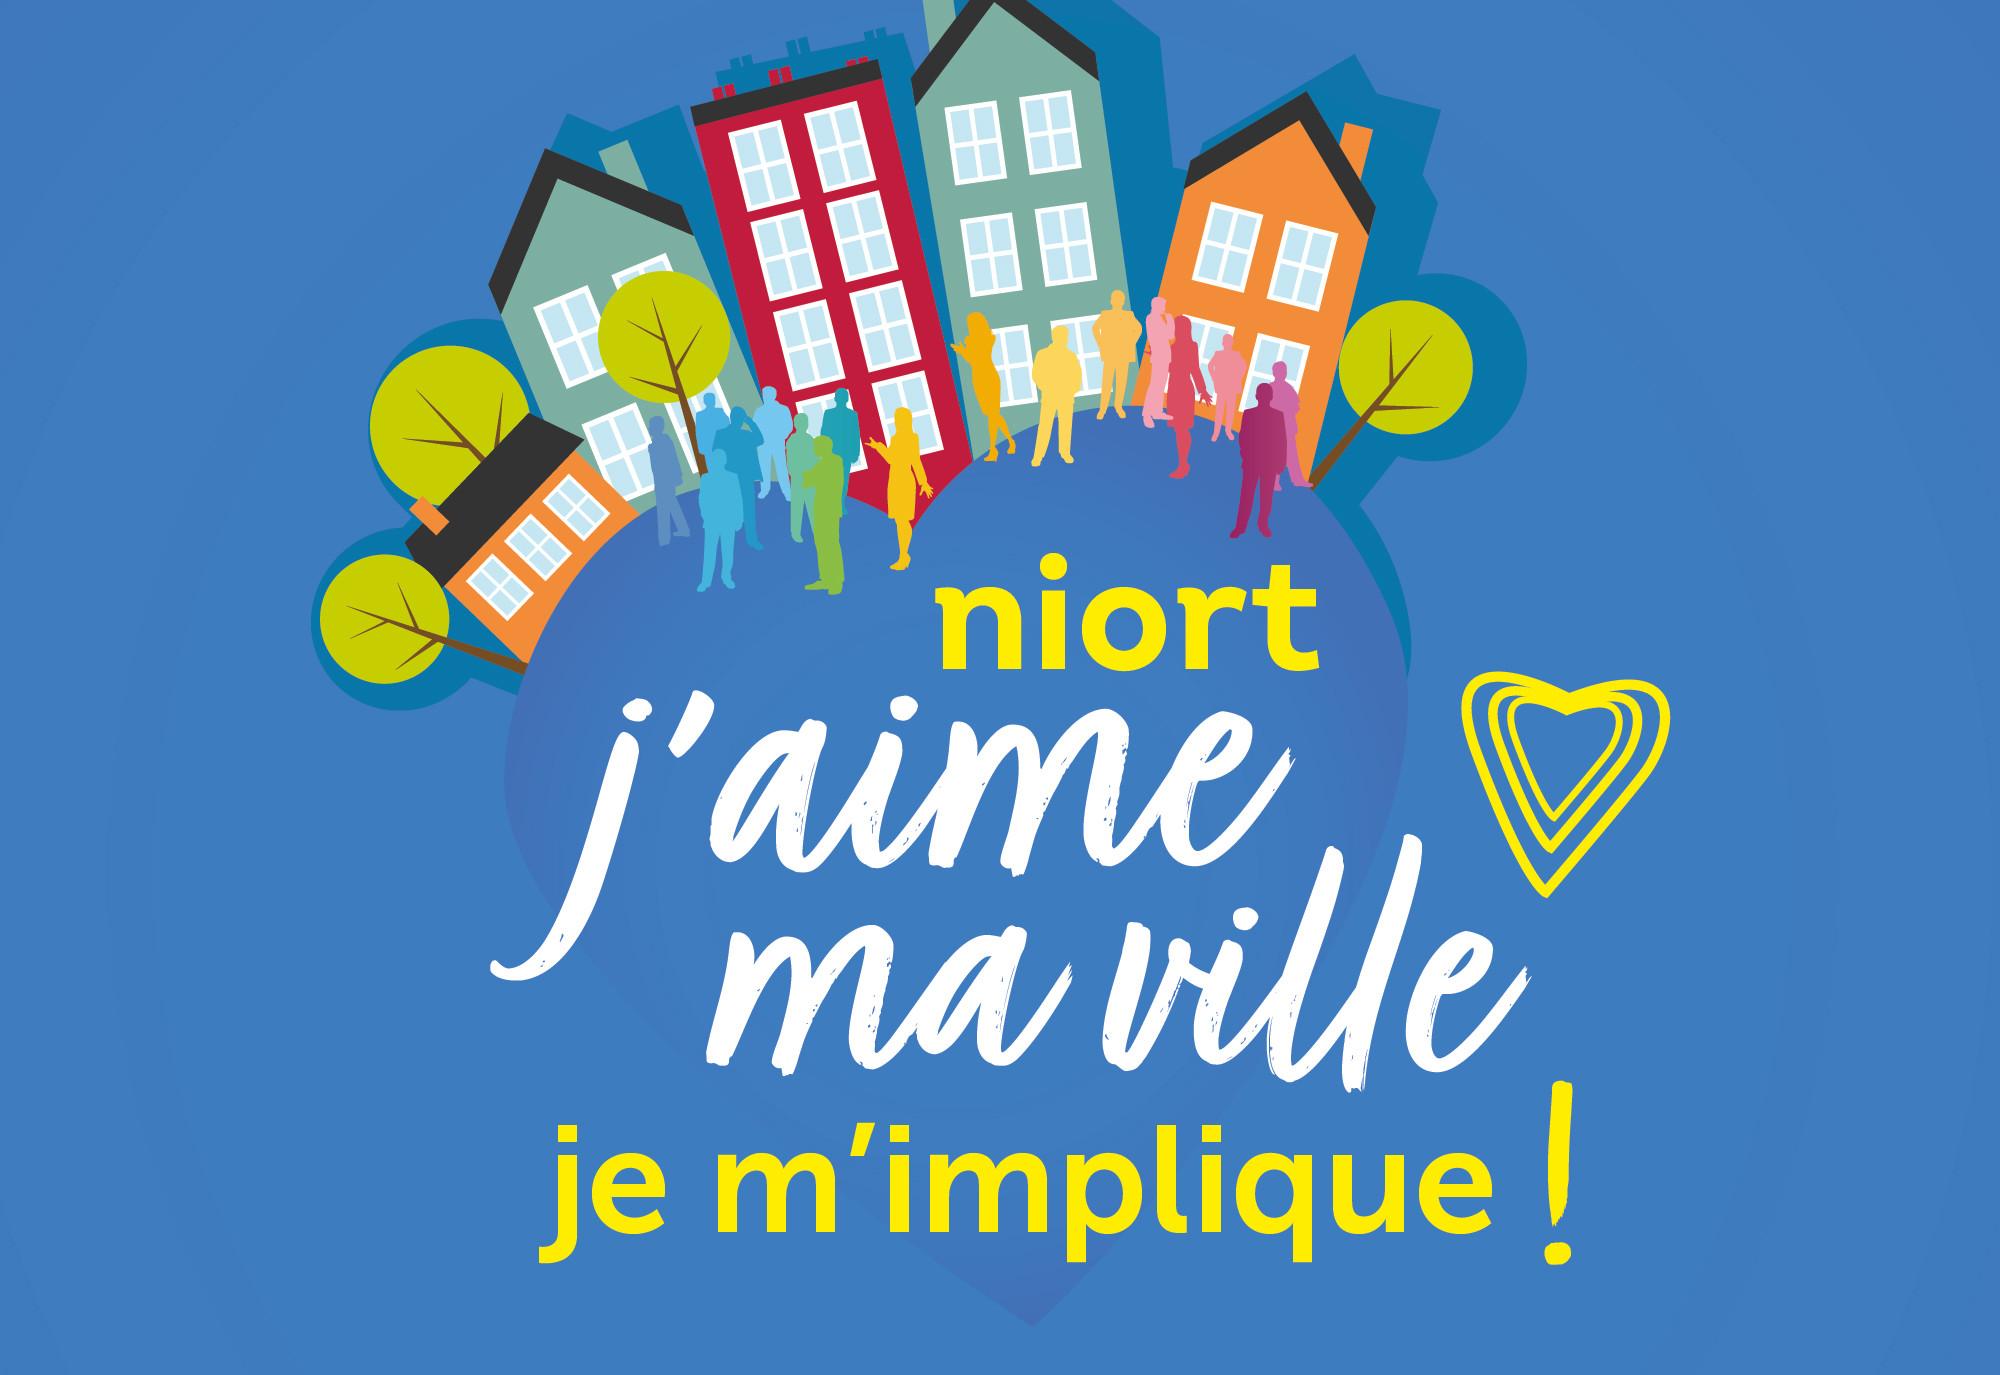 illustration de la manifestation Conseil de quartier de la Tour-Chabot-Gavacherie